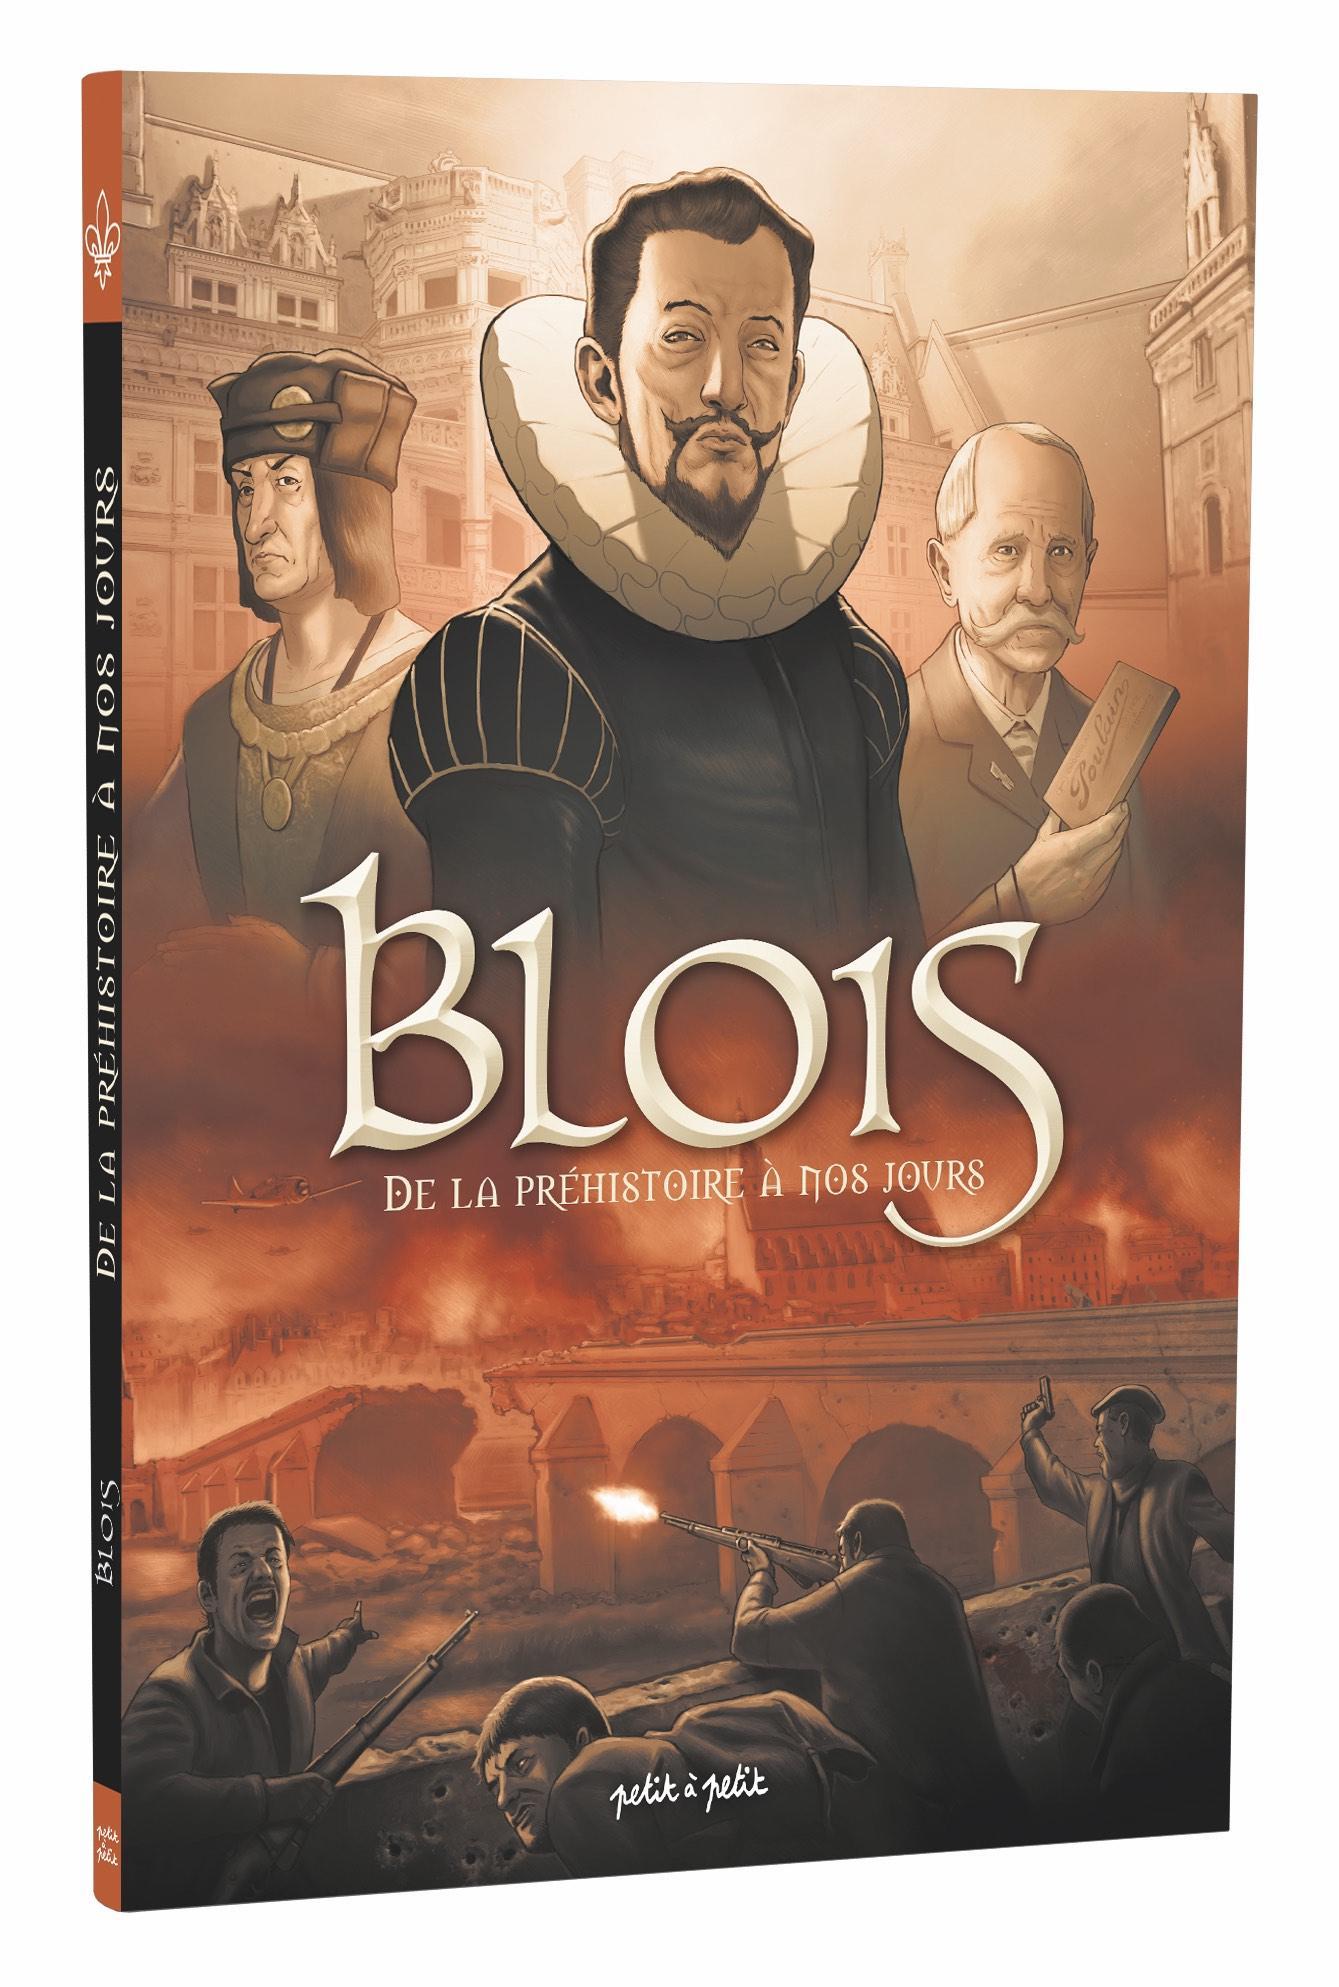 Couverture de la BD «Blois de la préhistoire à nos jours».